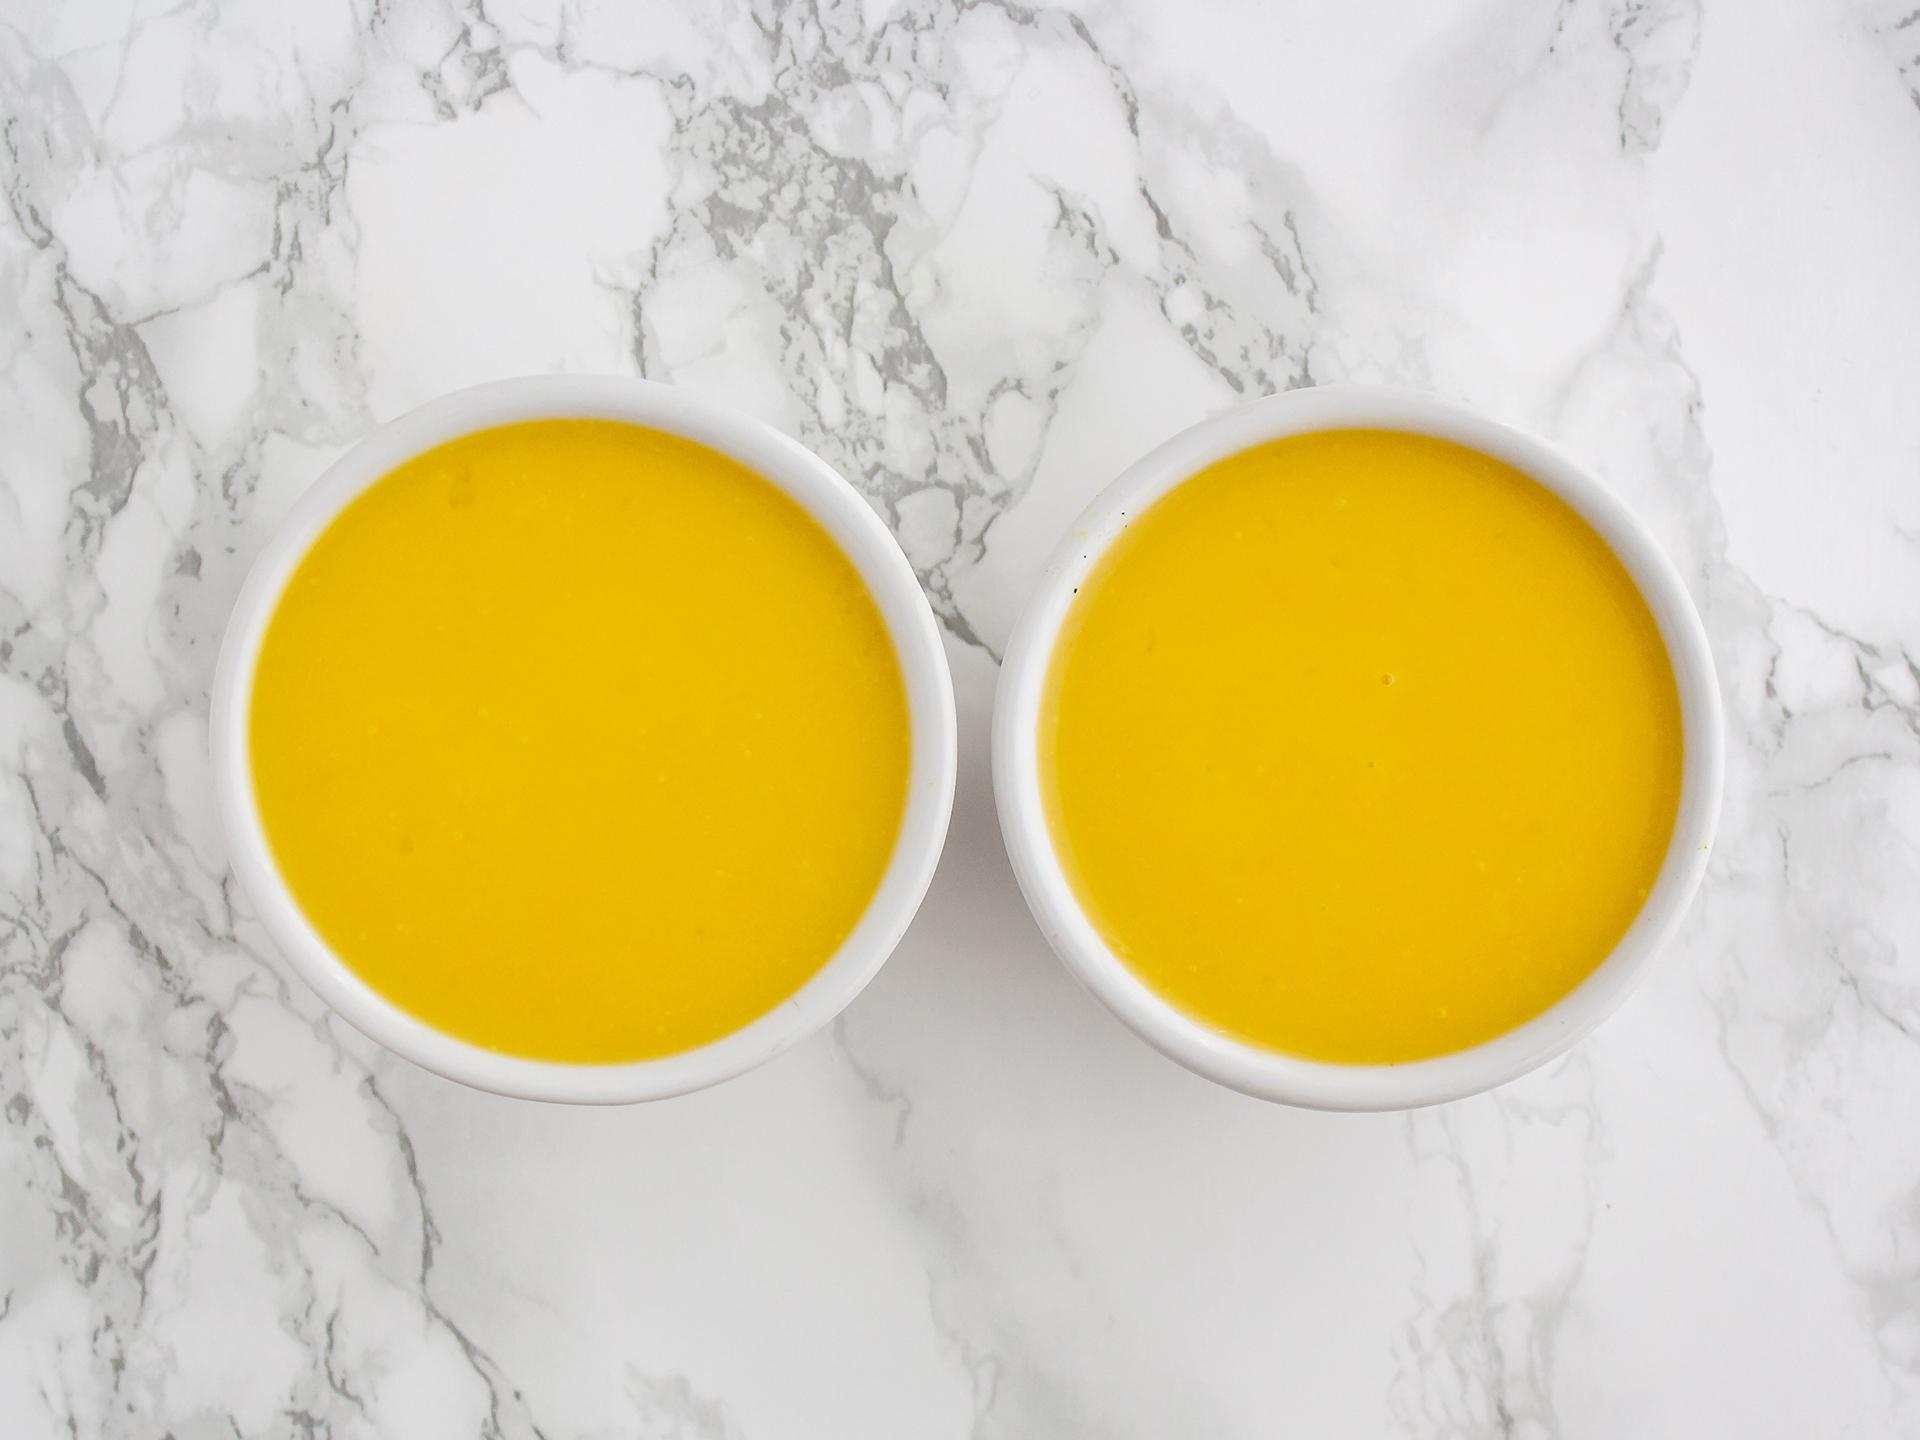 Step 3.2 of No Bake Vegan Mango Crème Brûlée